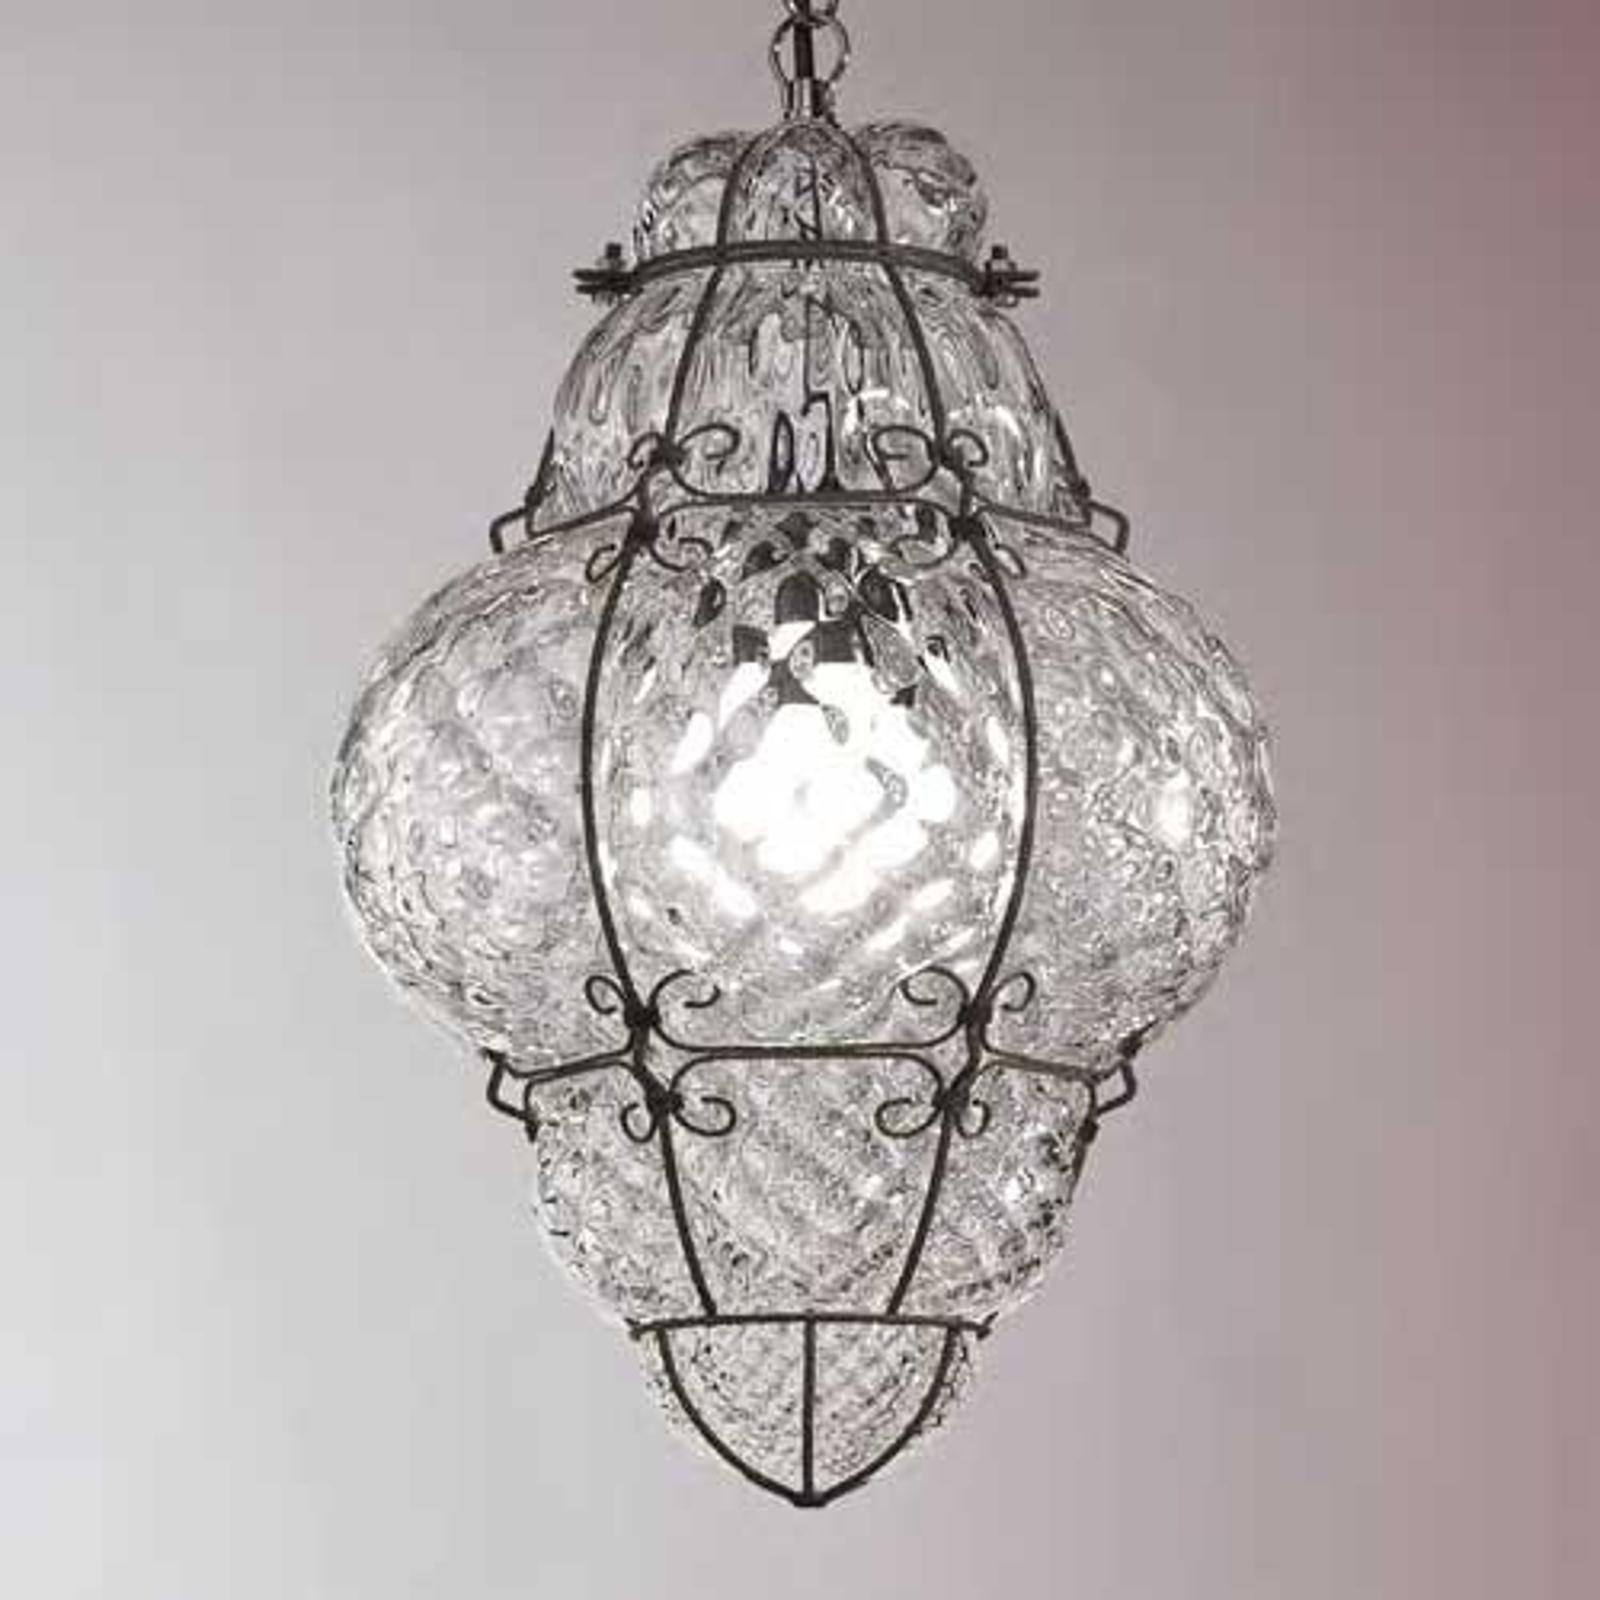 Mondgeblazen hanglamp CLASSIC, 62 cm